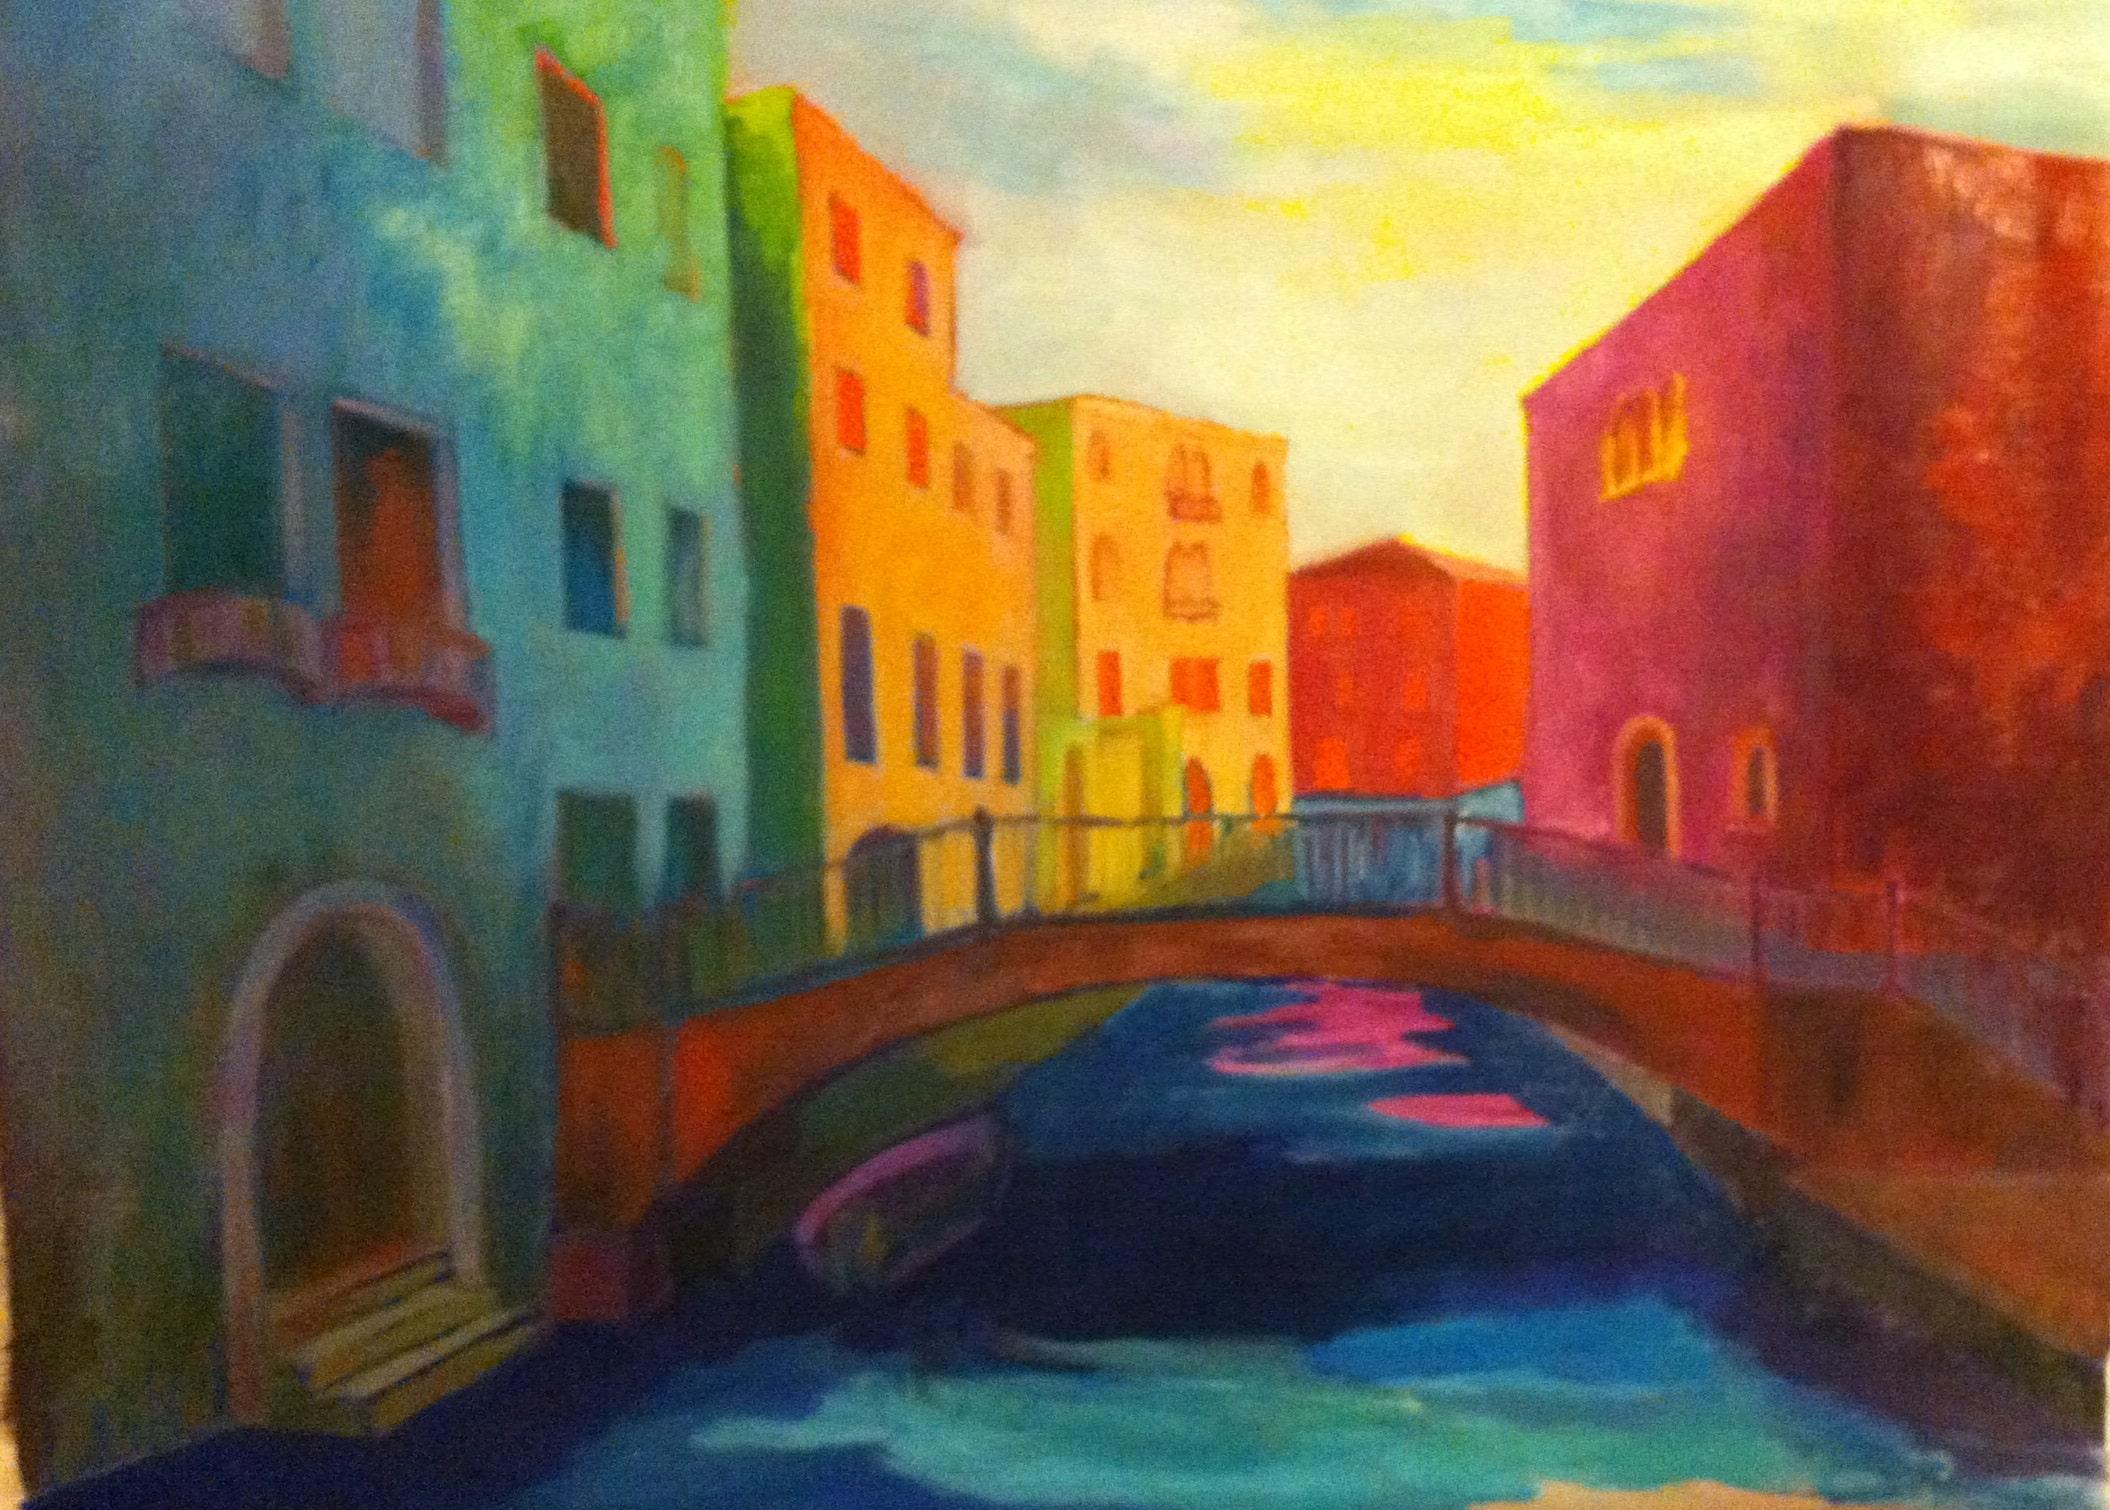 Hôtes et artistes en poitou - Canaletto à Venise, huile sur toile